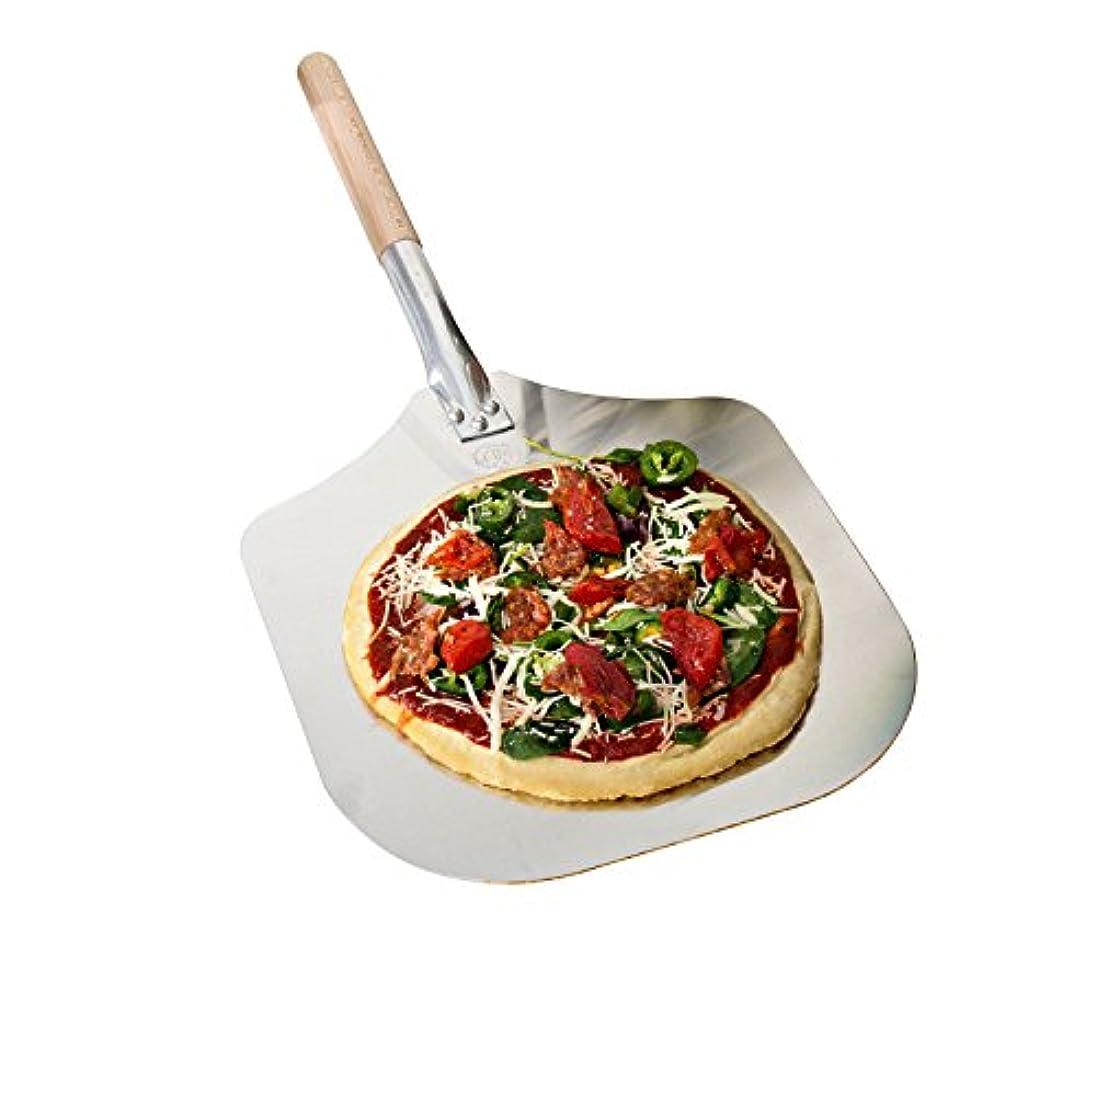 信仰潮マウンドKitchen Supply 14-Inch x 16-Inch Aluminum Pizza Peel with Wood Handle by Kitchen Supply